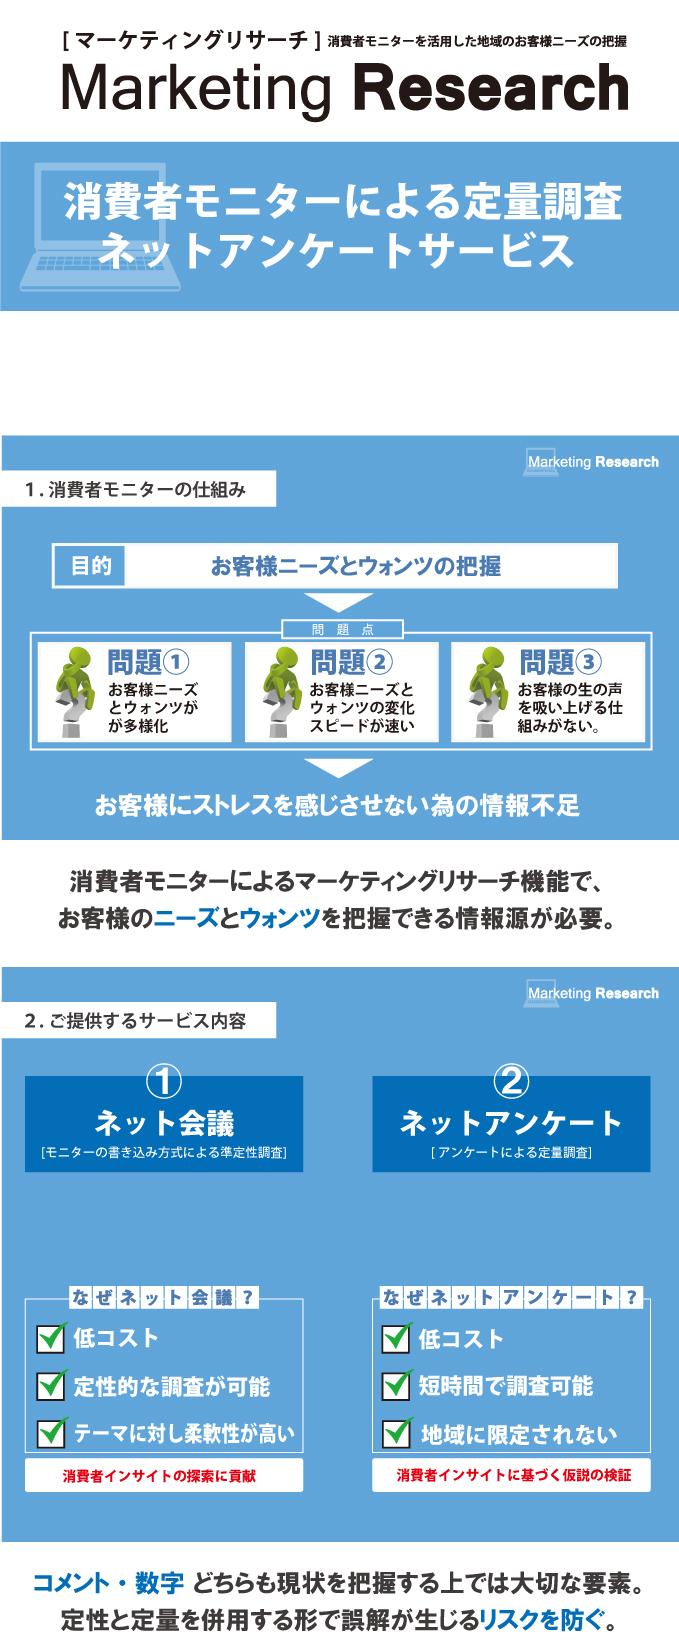 東洋の消費者モニターサービス